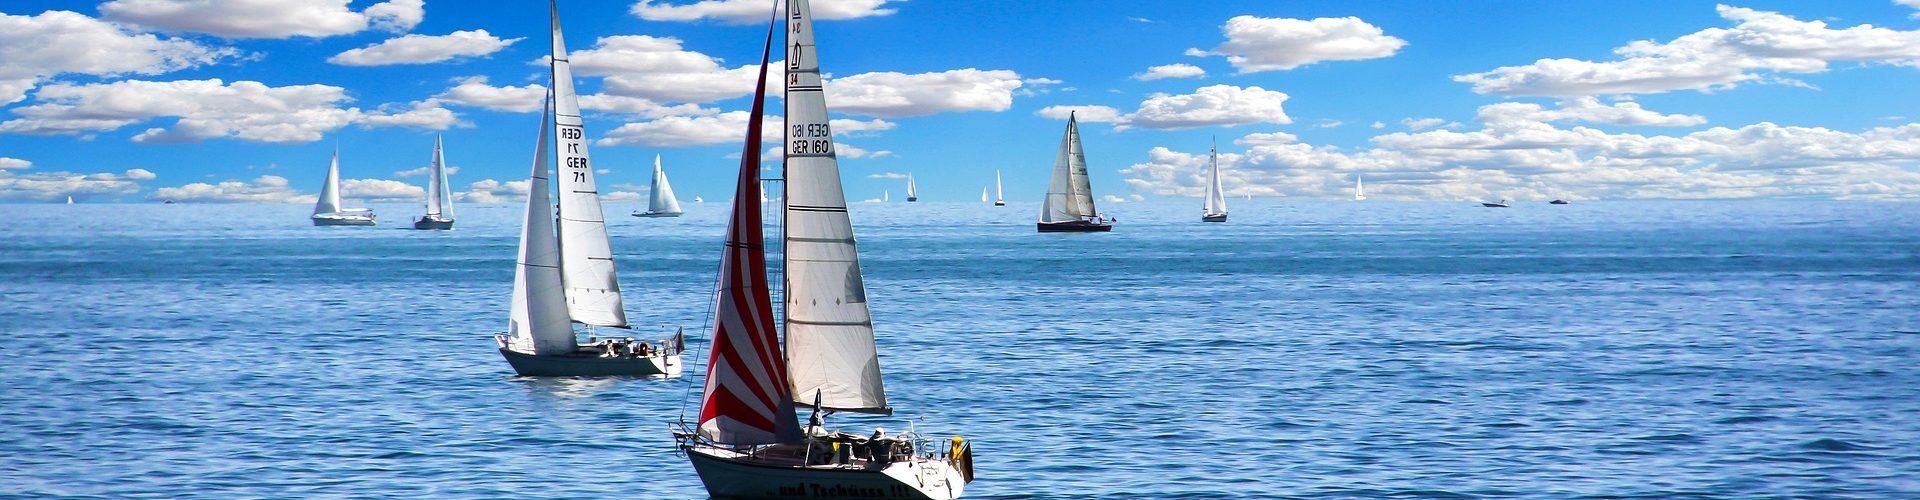 segeln lernen in Aue segelschein machen in Aue 1920x500 - Segeln lernen in Aue